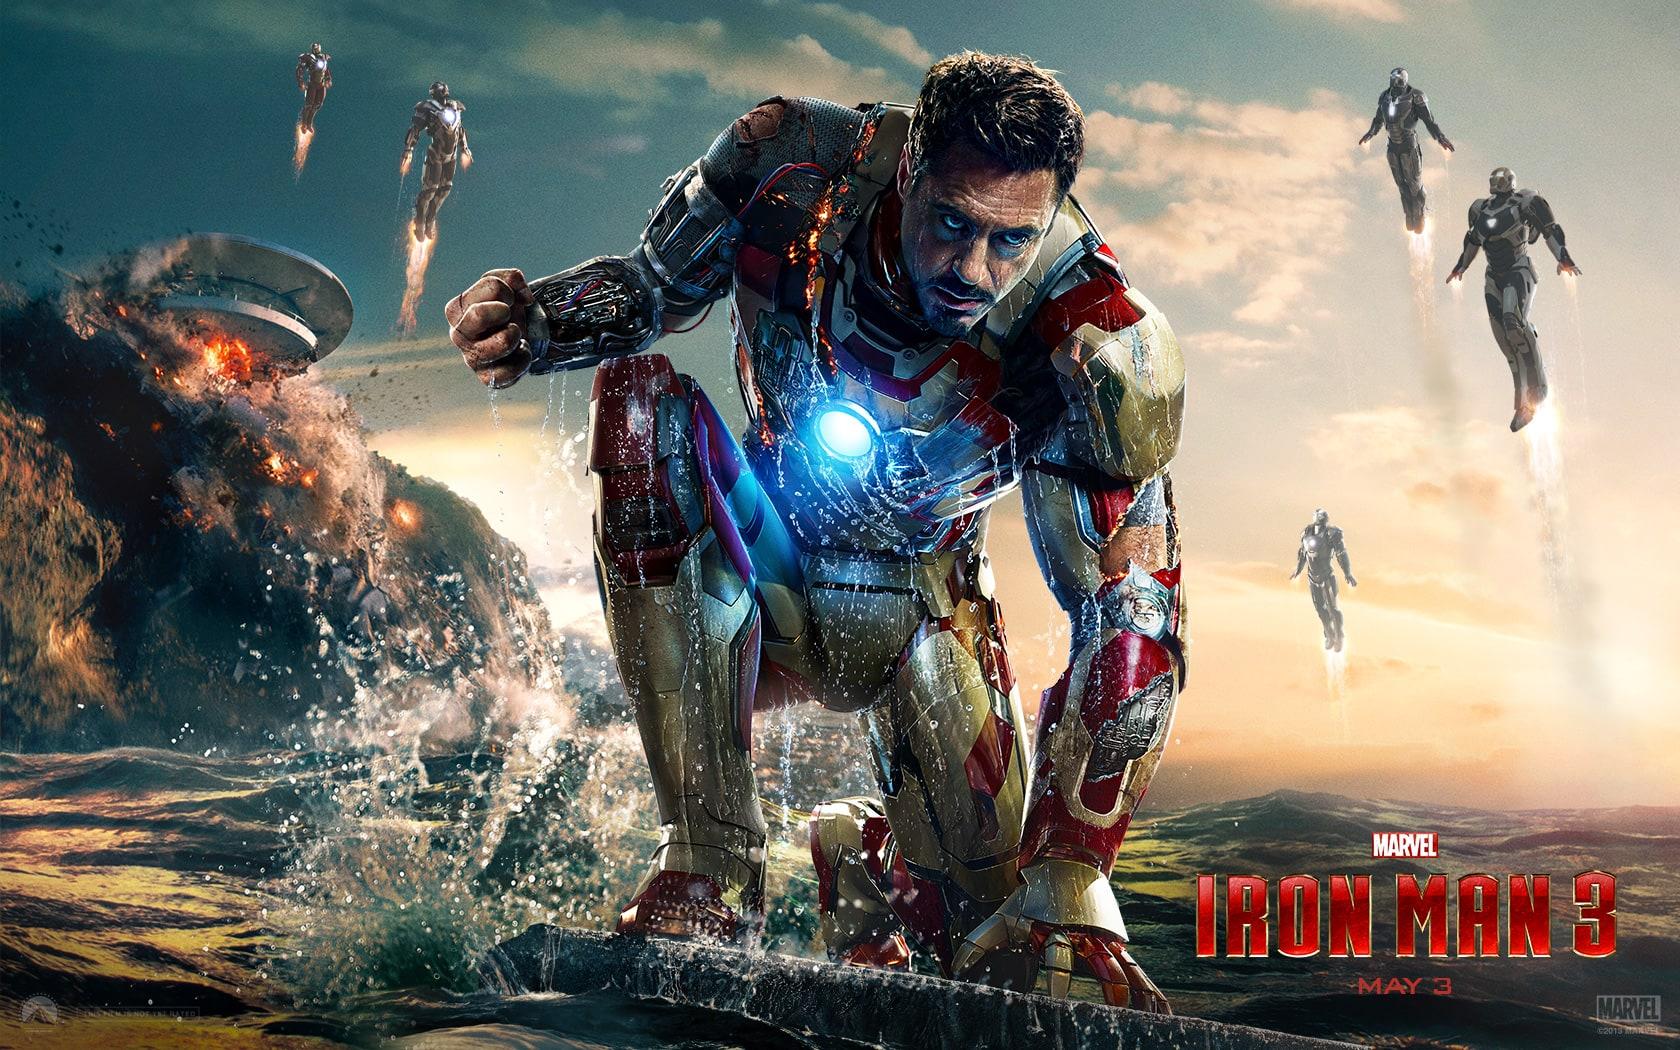 تحميل فيلم Iron man 3  الجزء الثالت كامل مترجم بجودة BluRay أعلى جودة